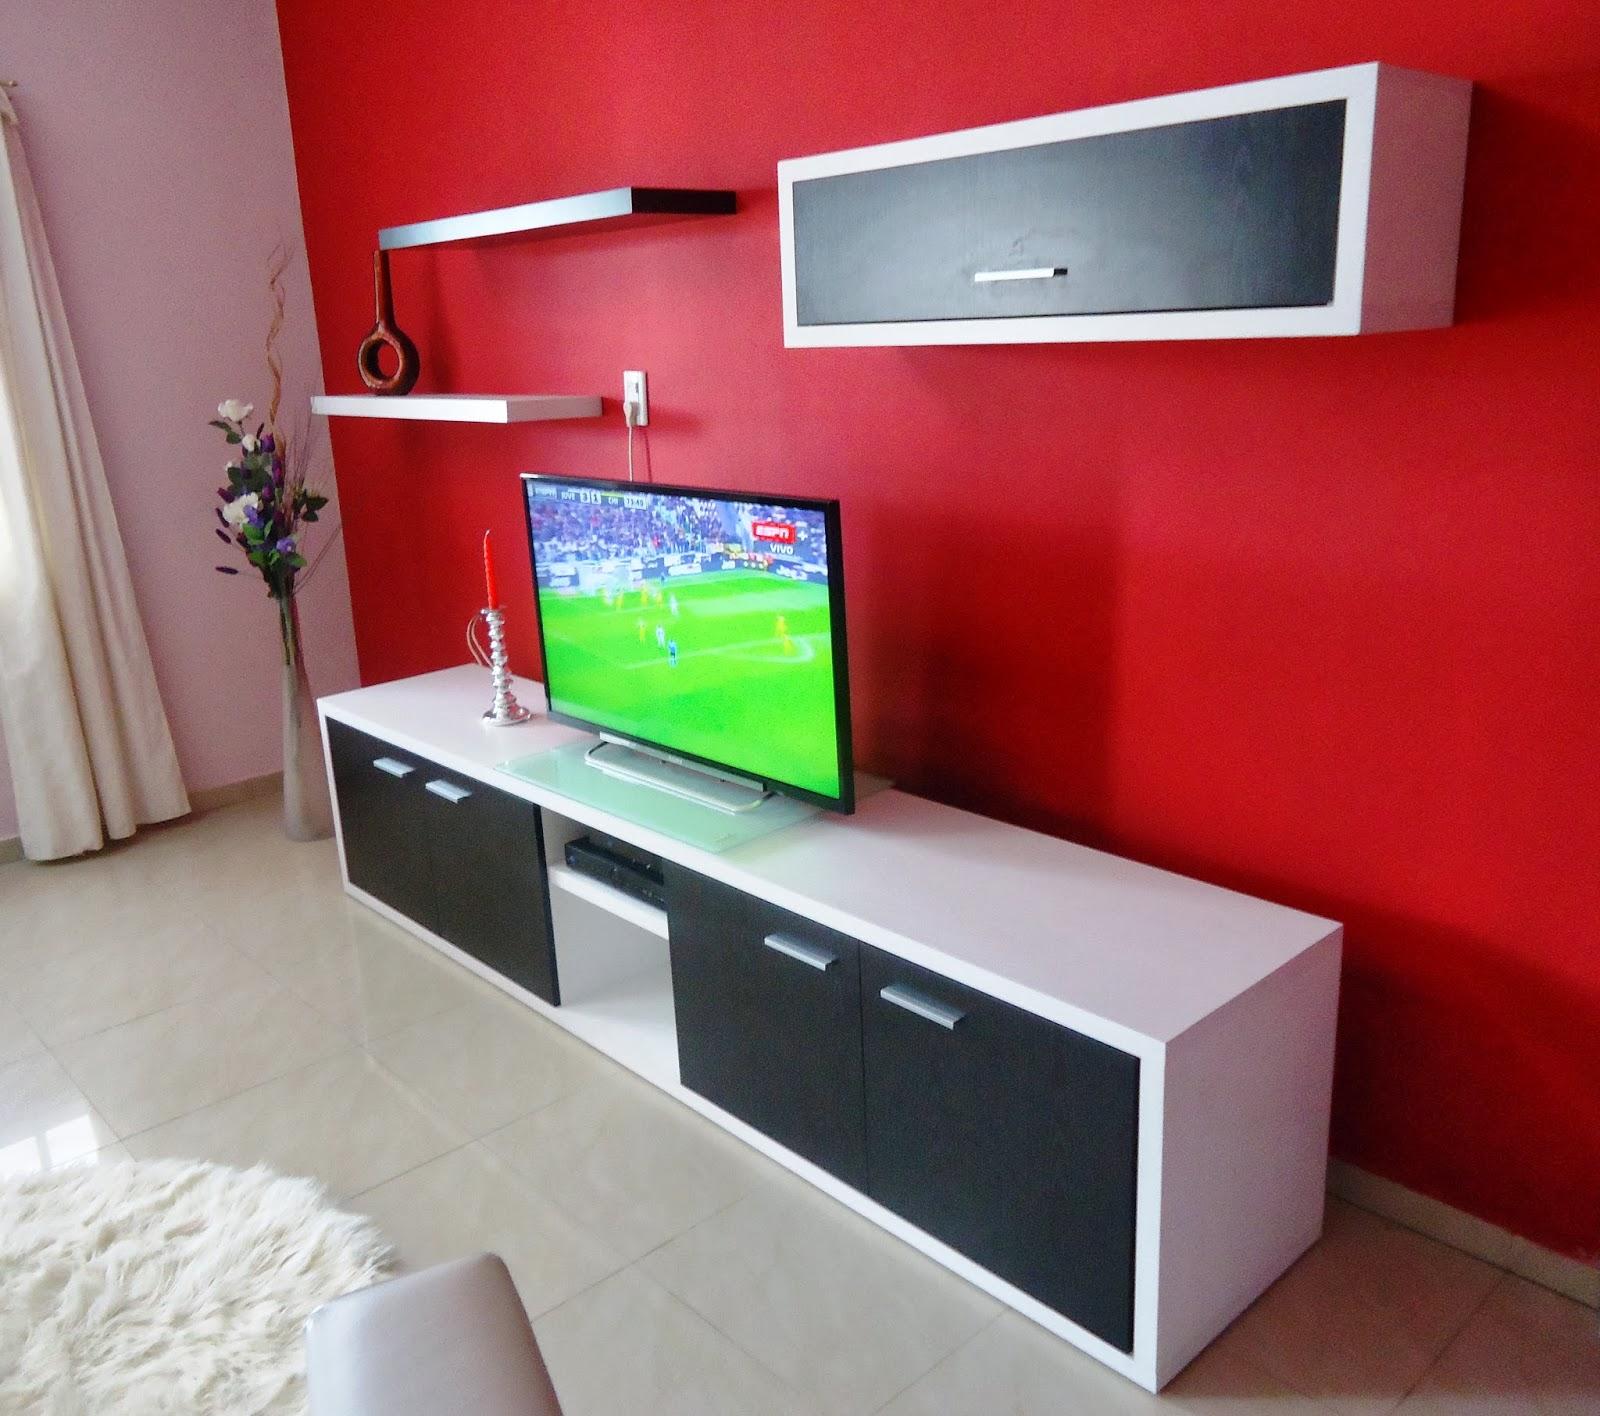 El detalle muebles dise ados a medida mueble para lcd for Mueble de 5 repisas